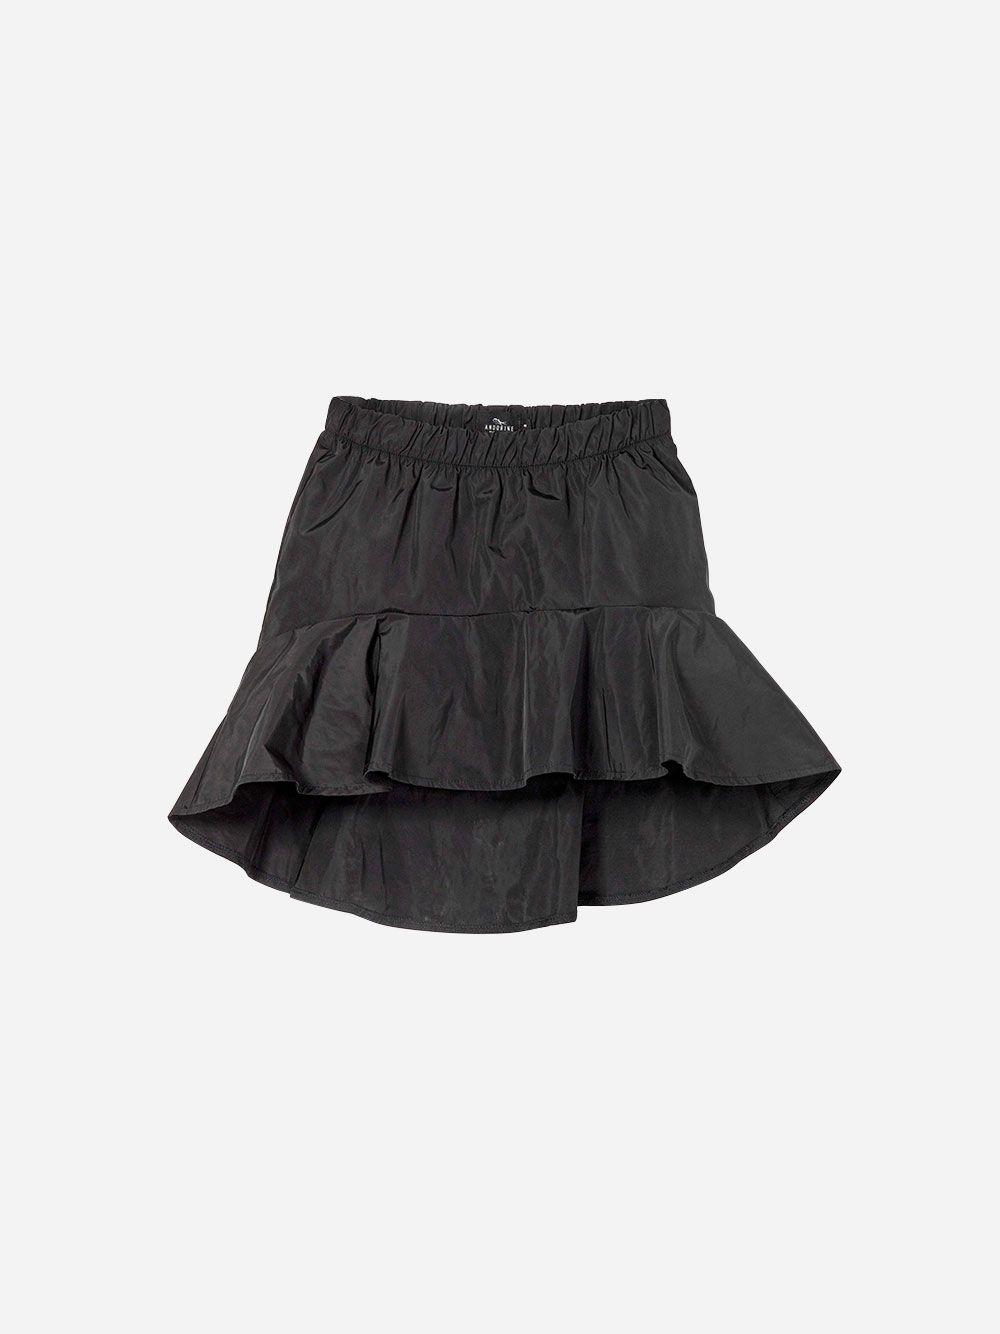 Black Ruffled Skirt | Andorine